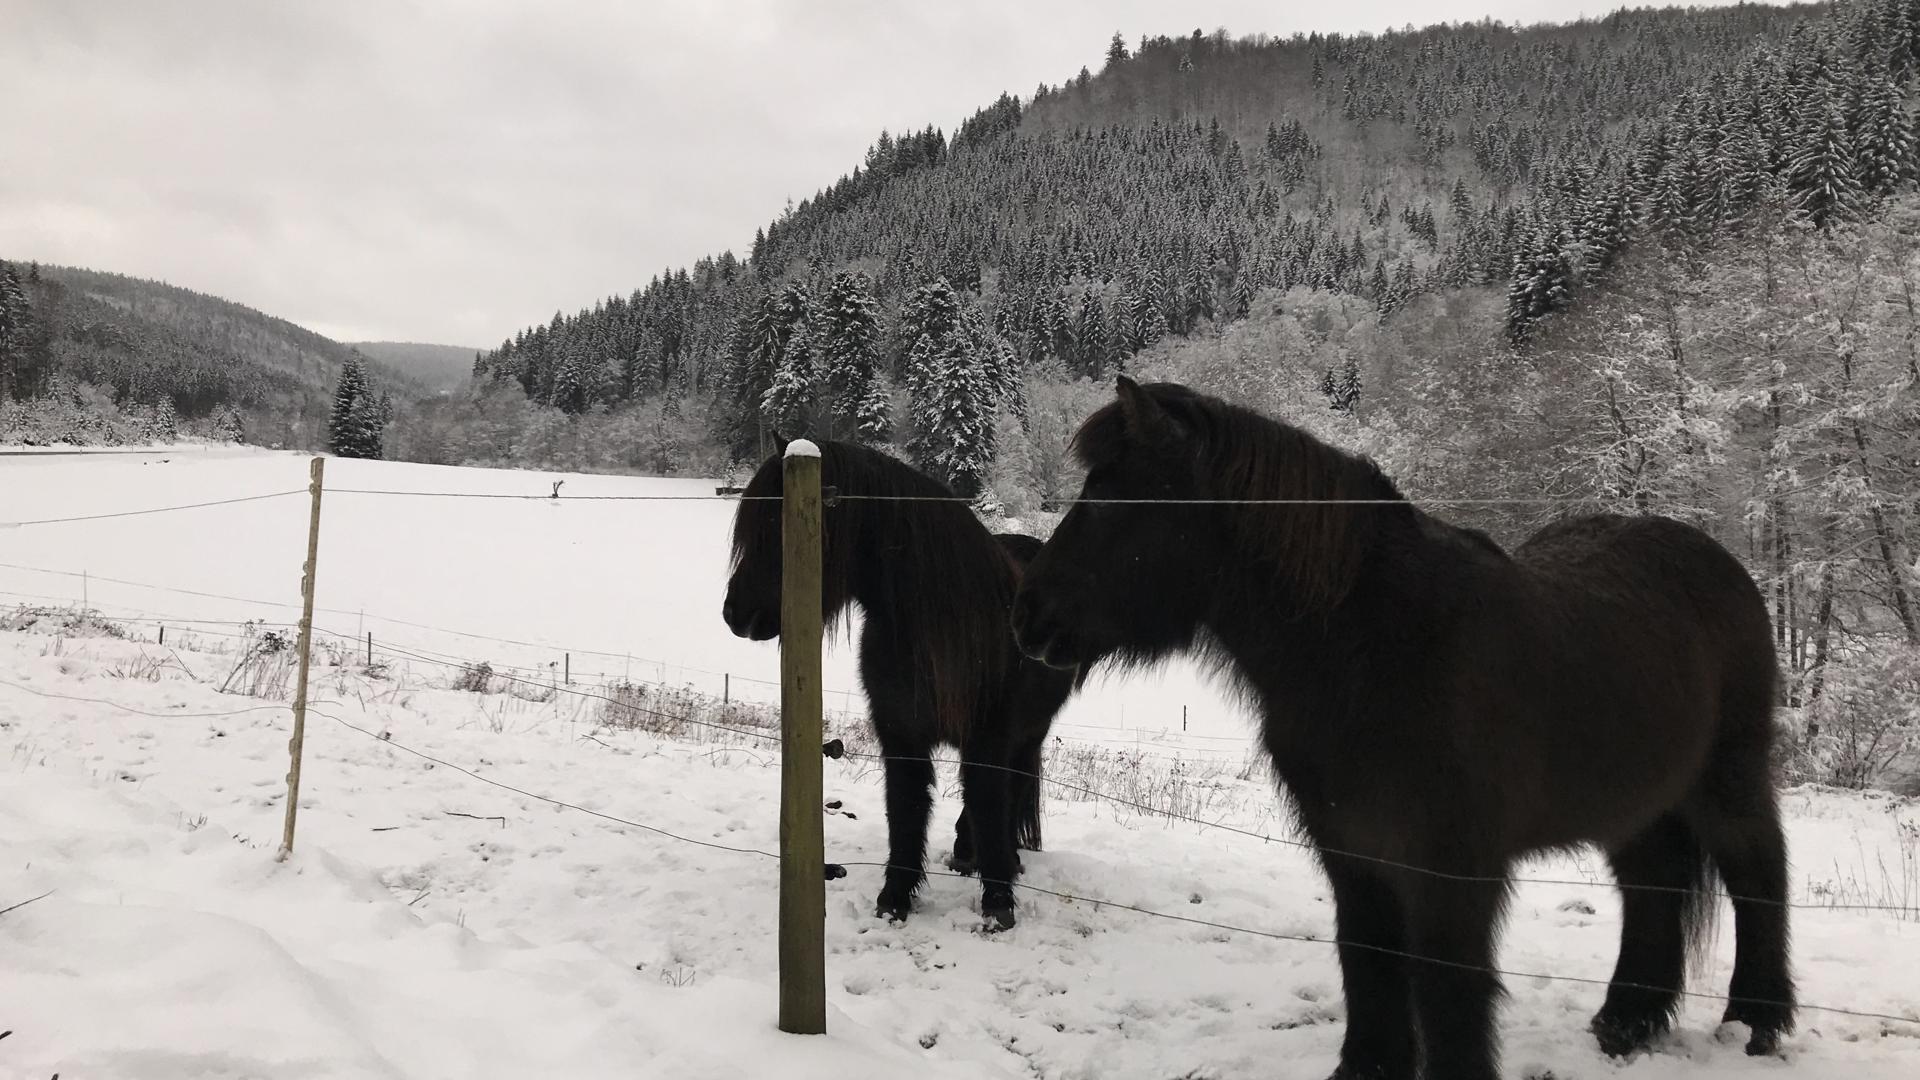 Am Fuße des Sommerbergs genießen diese Pferde das weiße Schneewunder.